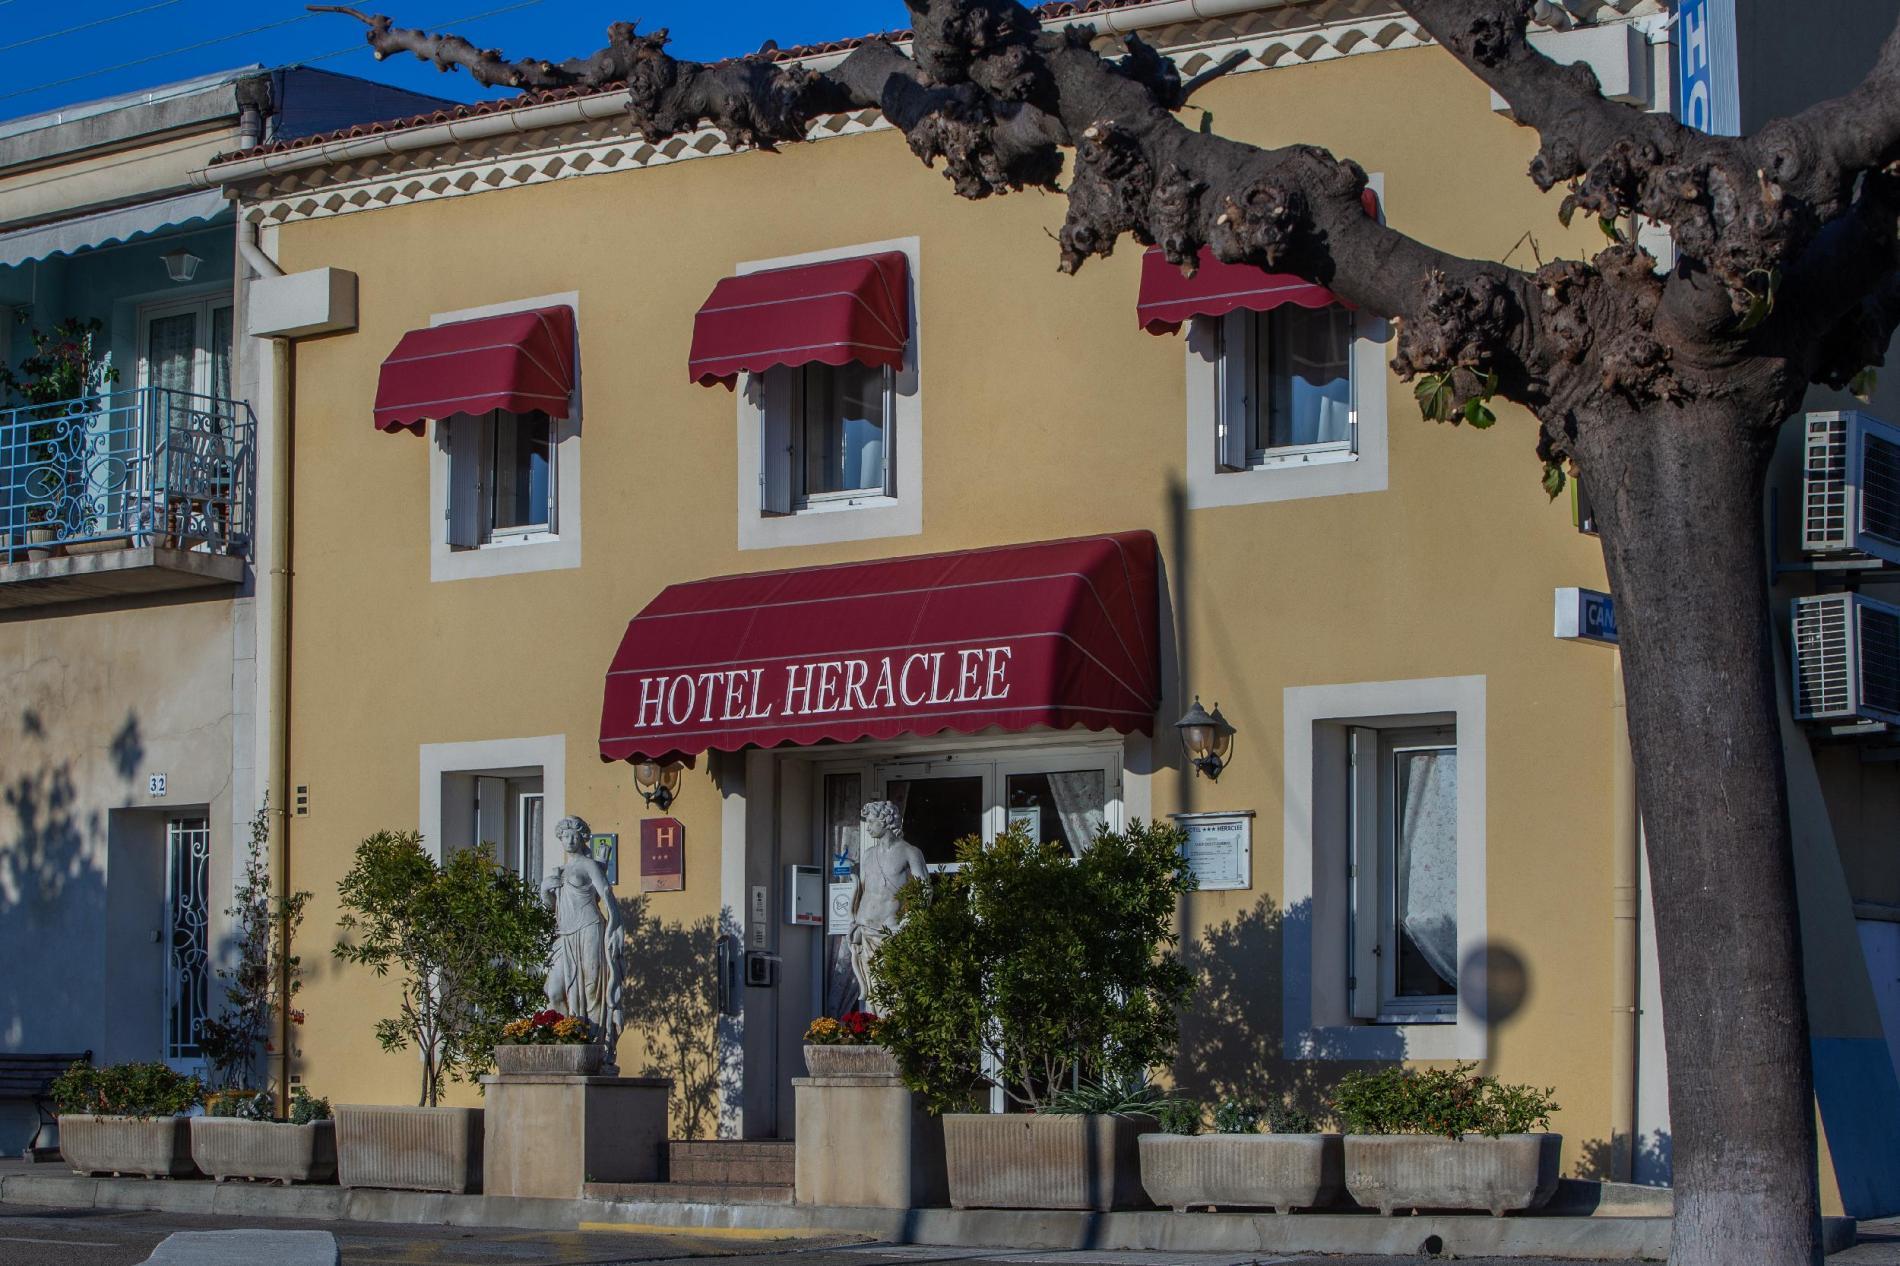 l'Hôtel Héraclée aux portes de la Camargue